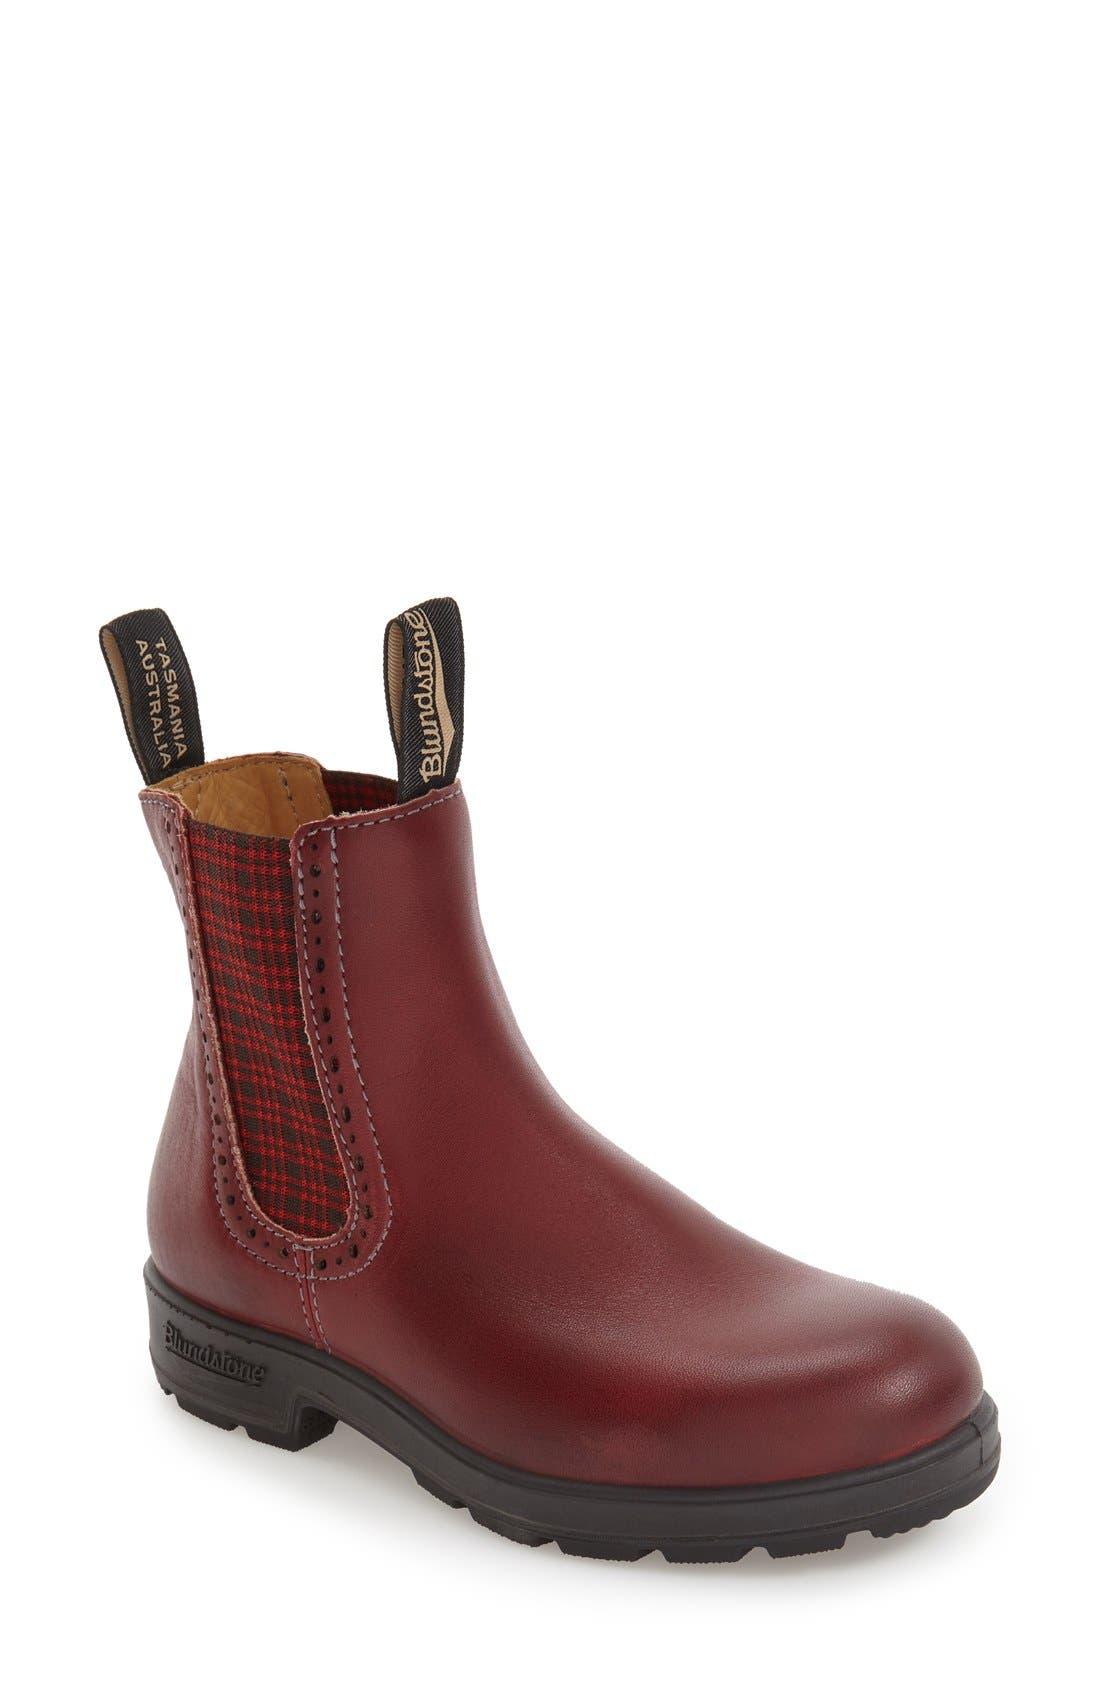 Blundstone Footwear 'Original Series' Water Resistant Chelsea Boot (Women)